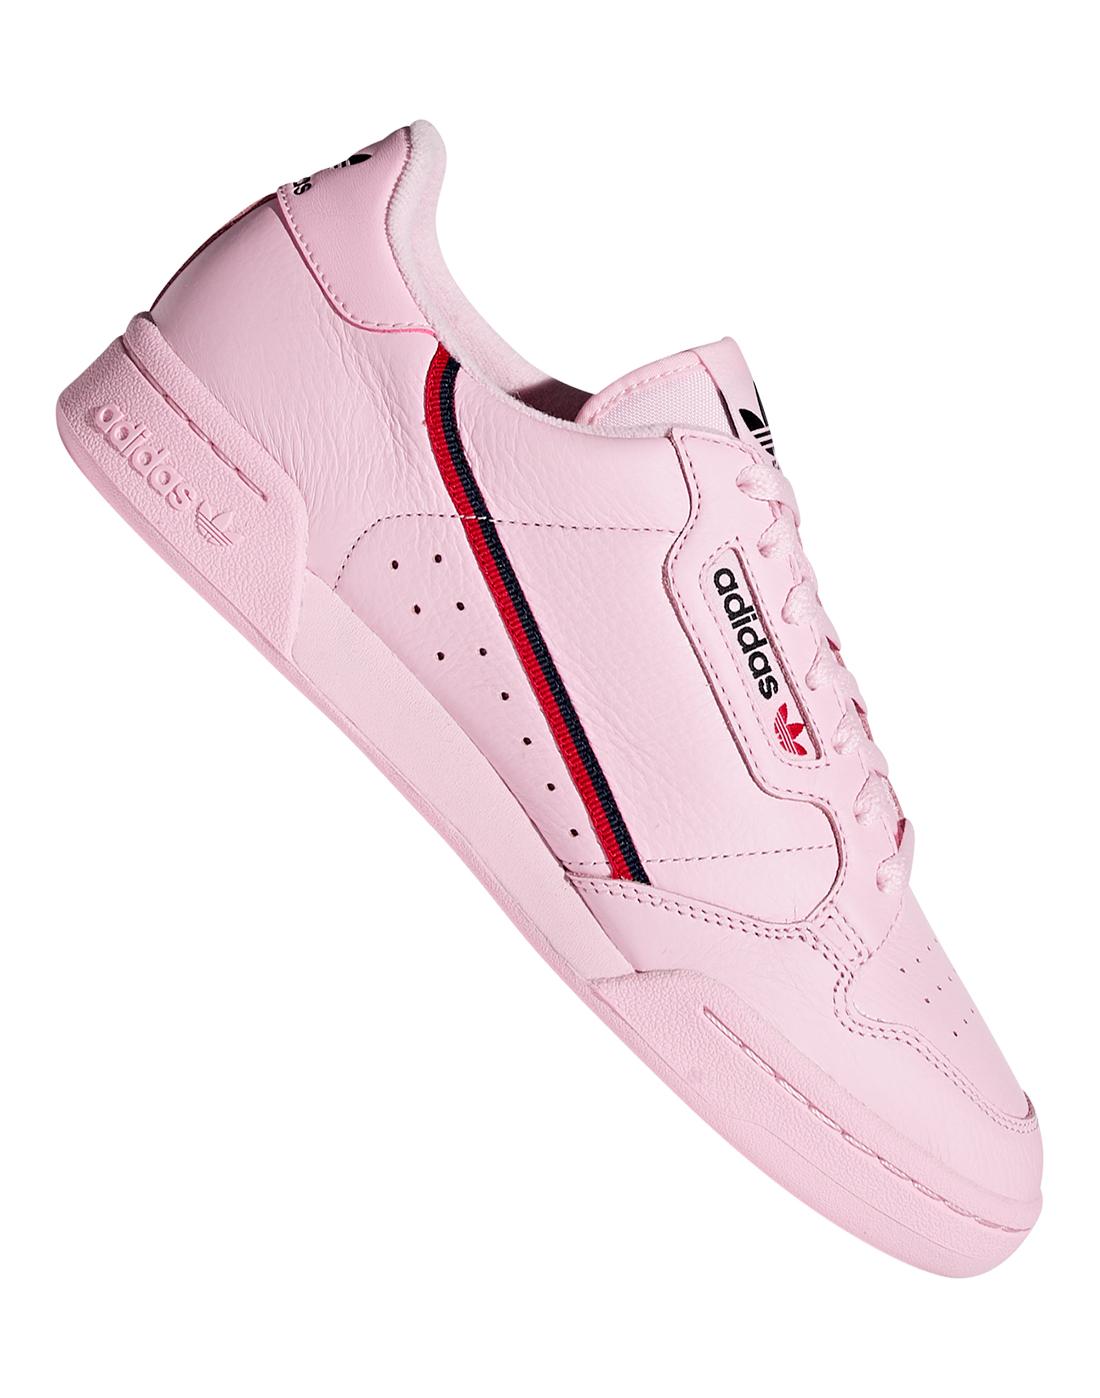 5923f08118c50c adidas Originals. Mens Continental 80. Mens Continental 80 ...